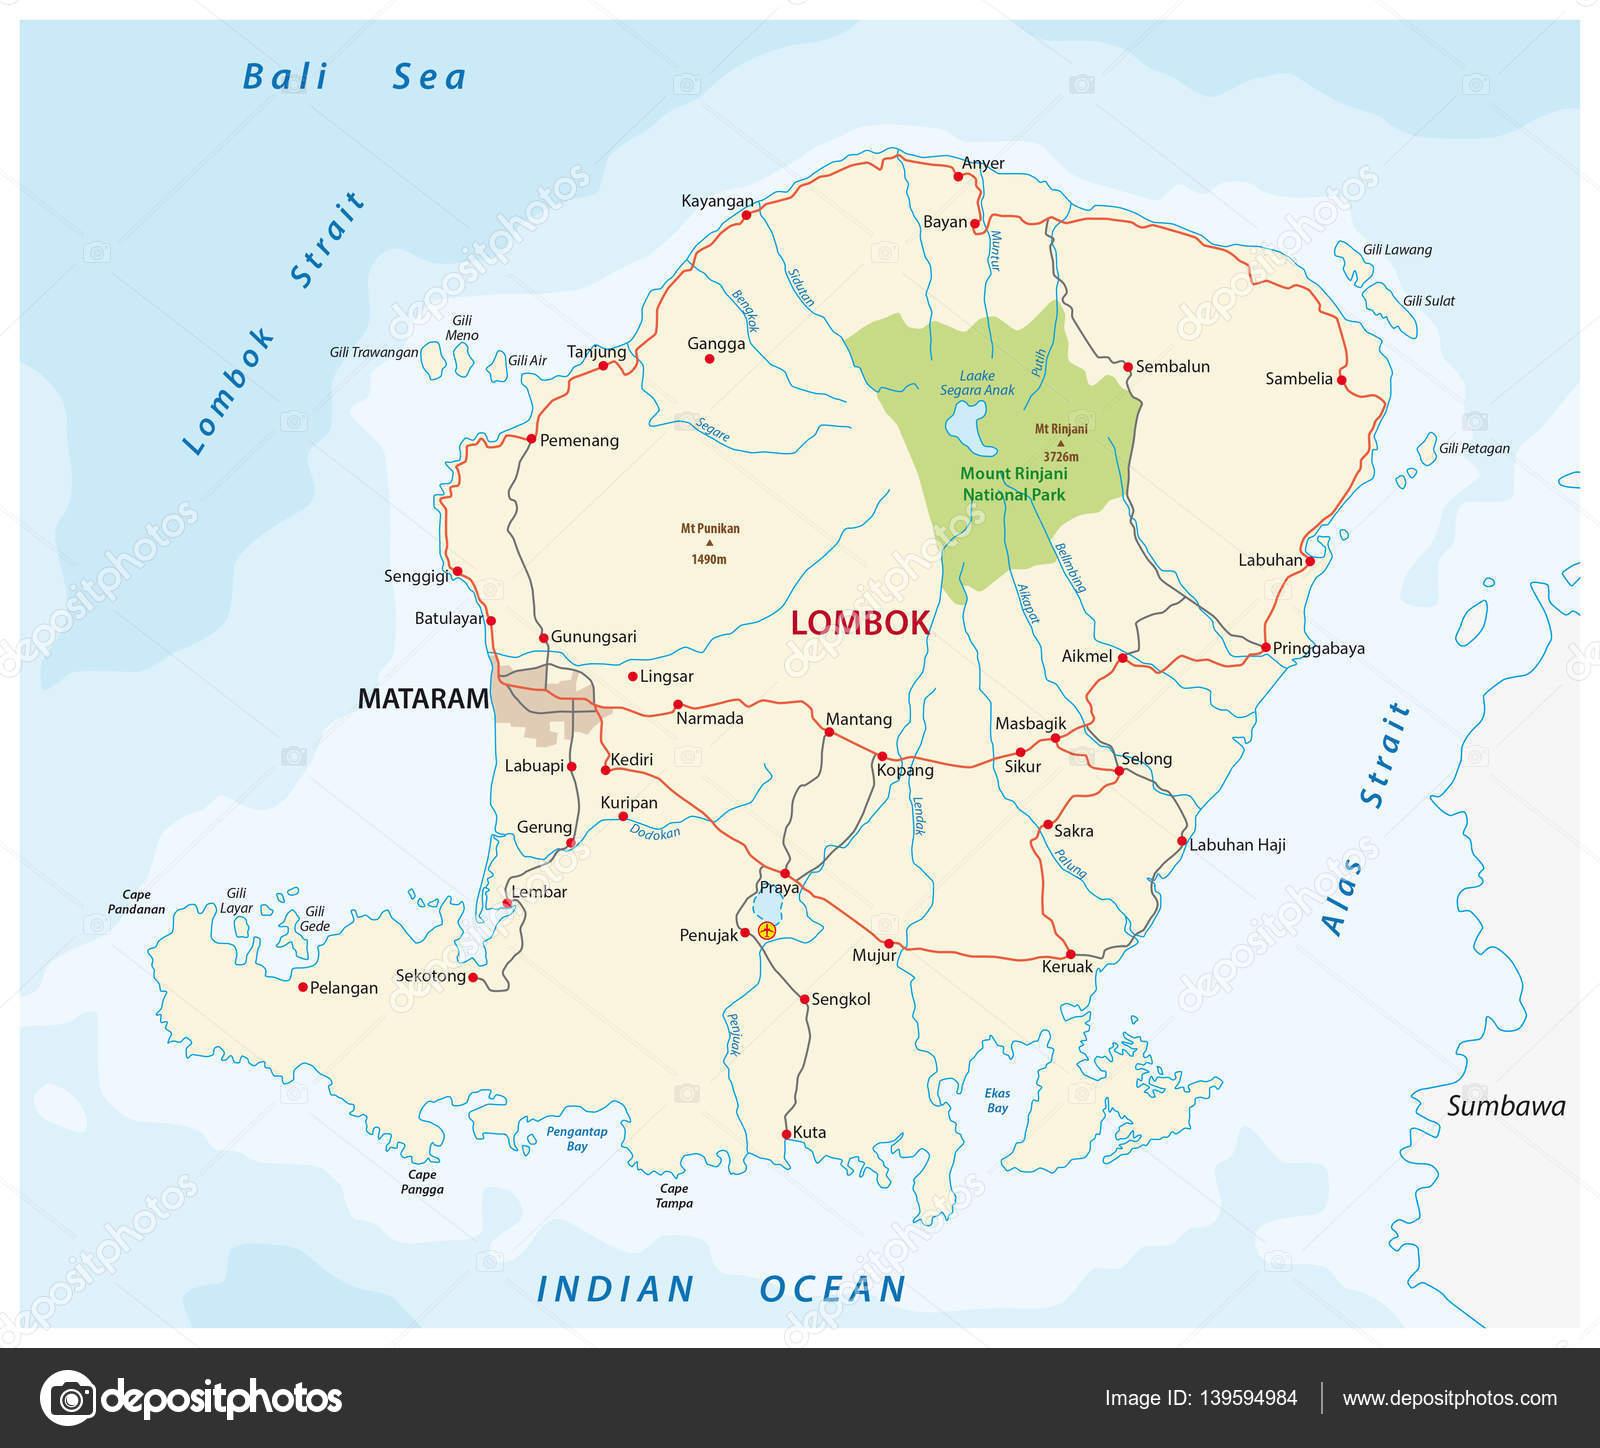 Mapa de carreteras de la isla indonesia de lombok vector de stock mapa de carreteras de la isla indonesia de lombok vector de stock gumiabroncs Image collections